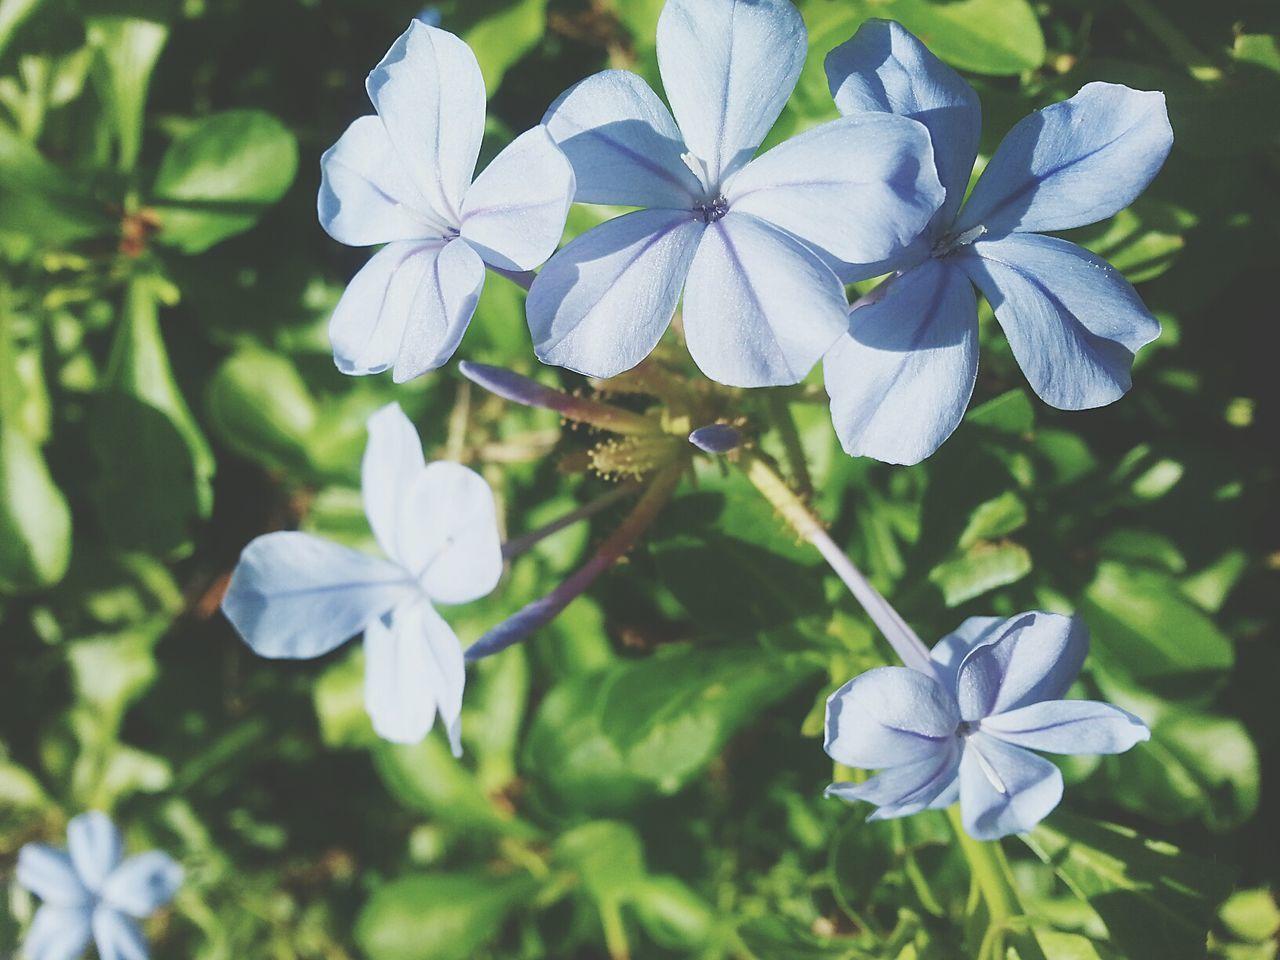 Blueflowers Green Leaves Eyeem Flower Lover EyeEm Nature Lover Eyeemphotography Vnmaphotography